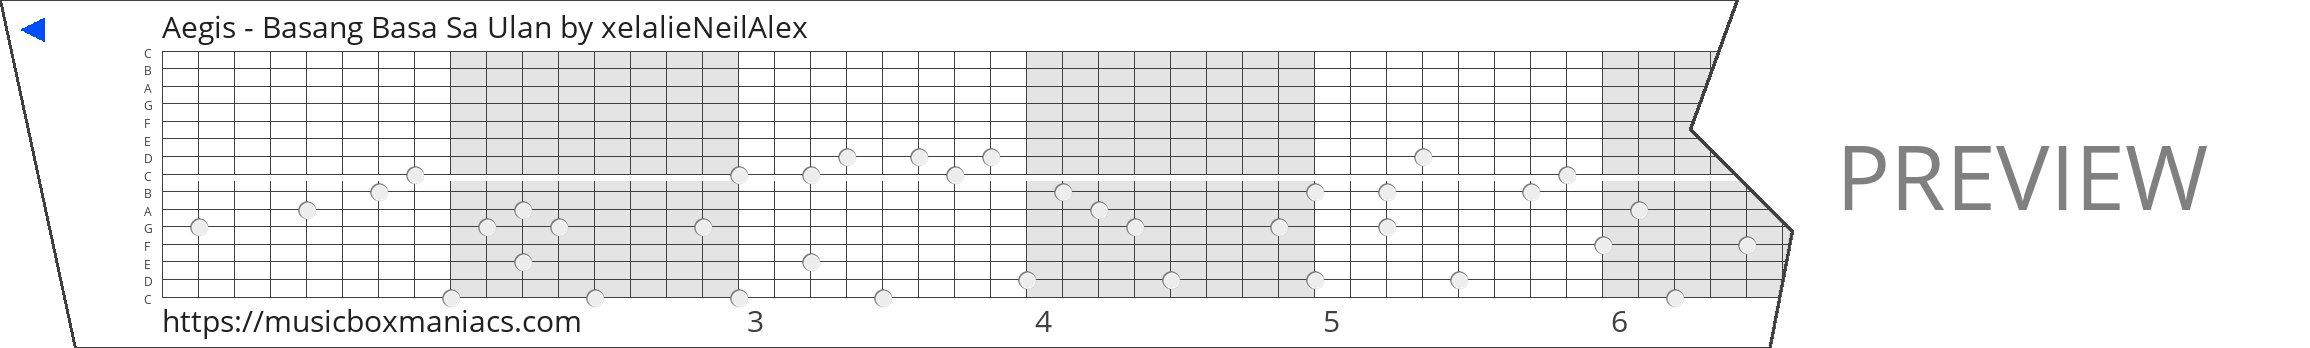 Aegis - Basang Basa Sa Ulan 15 note music box paper strip